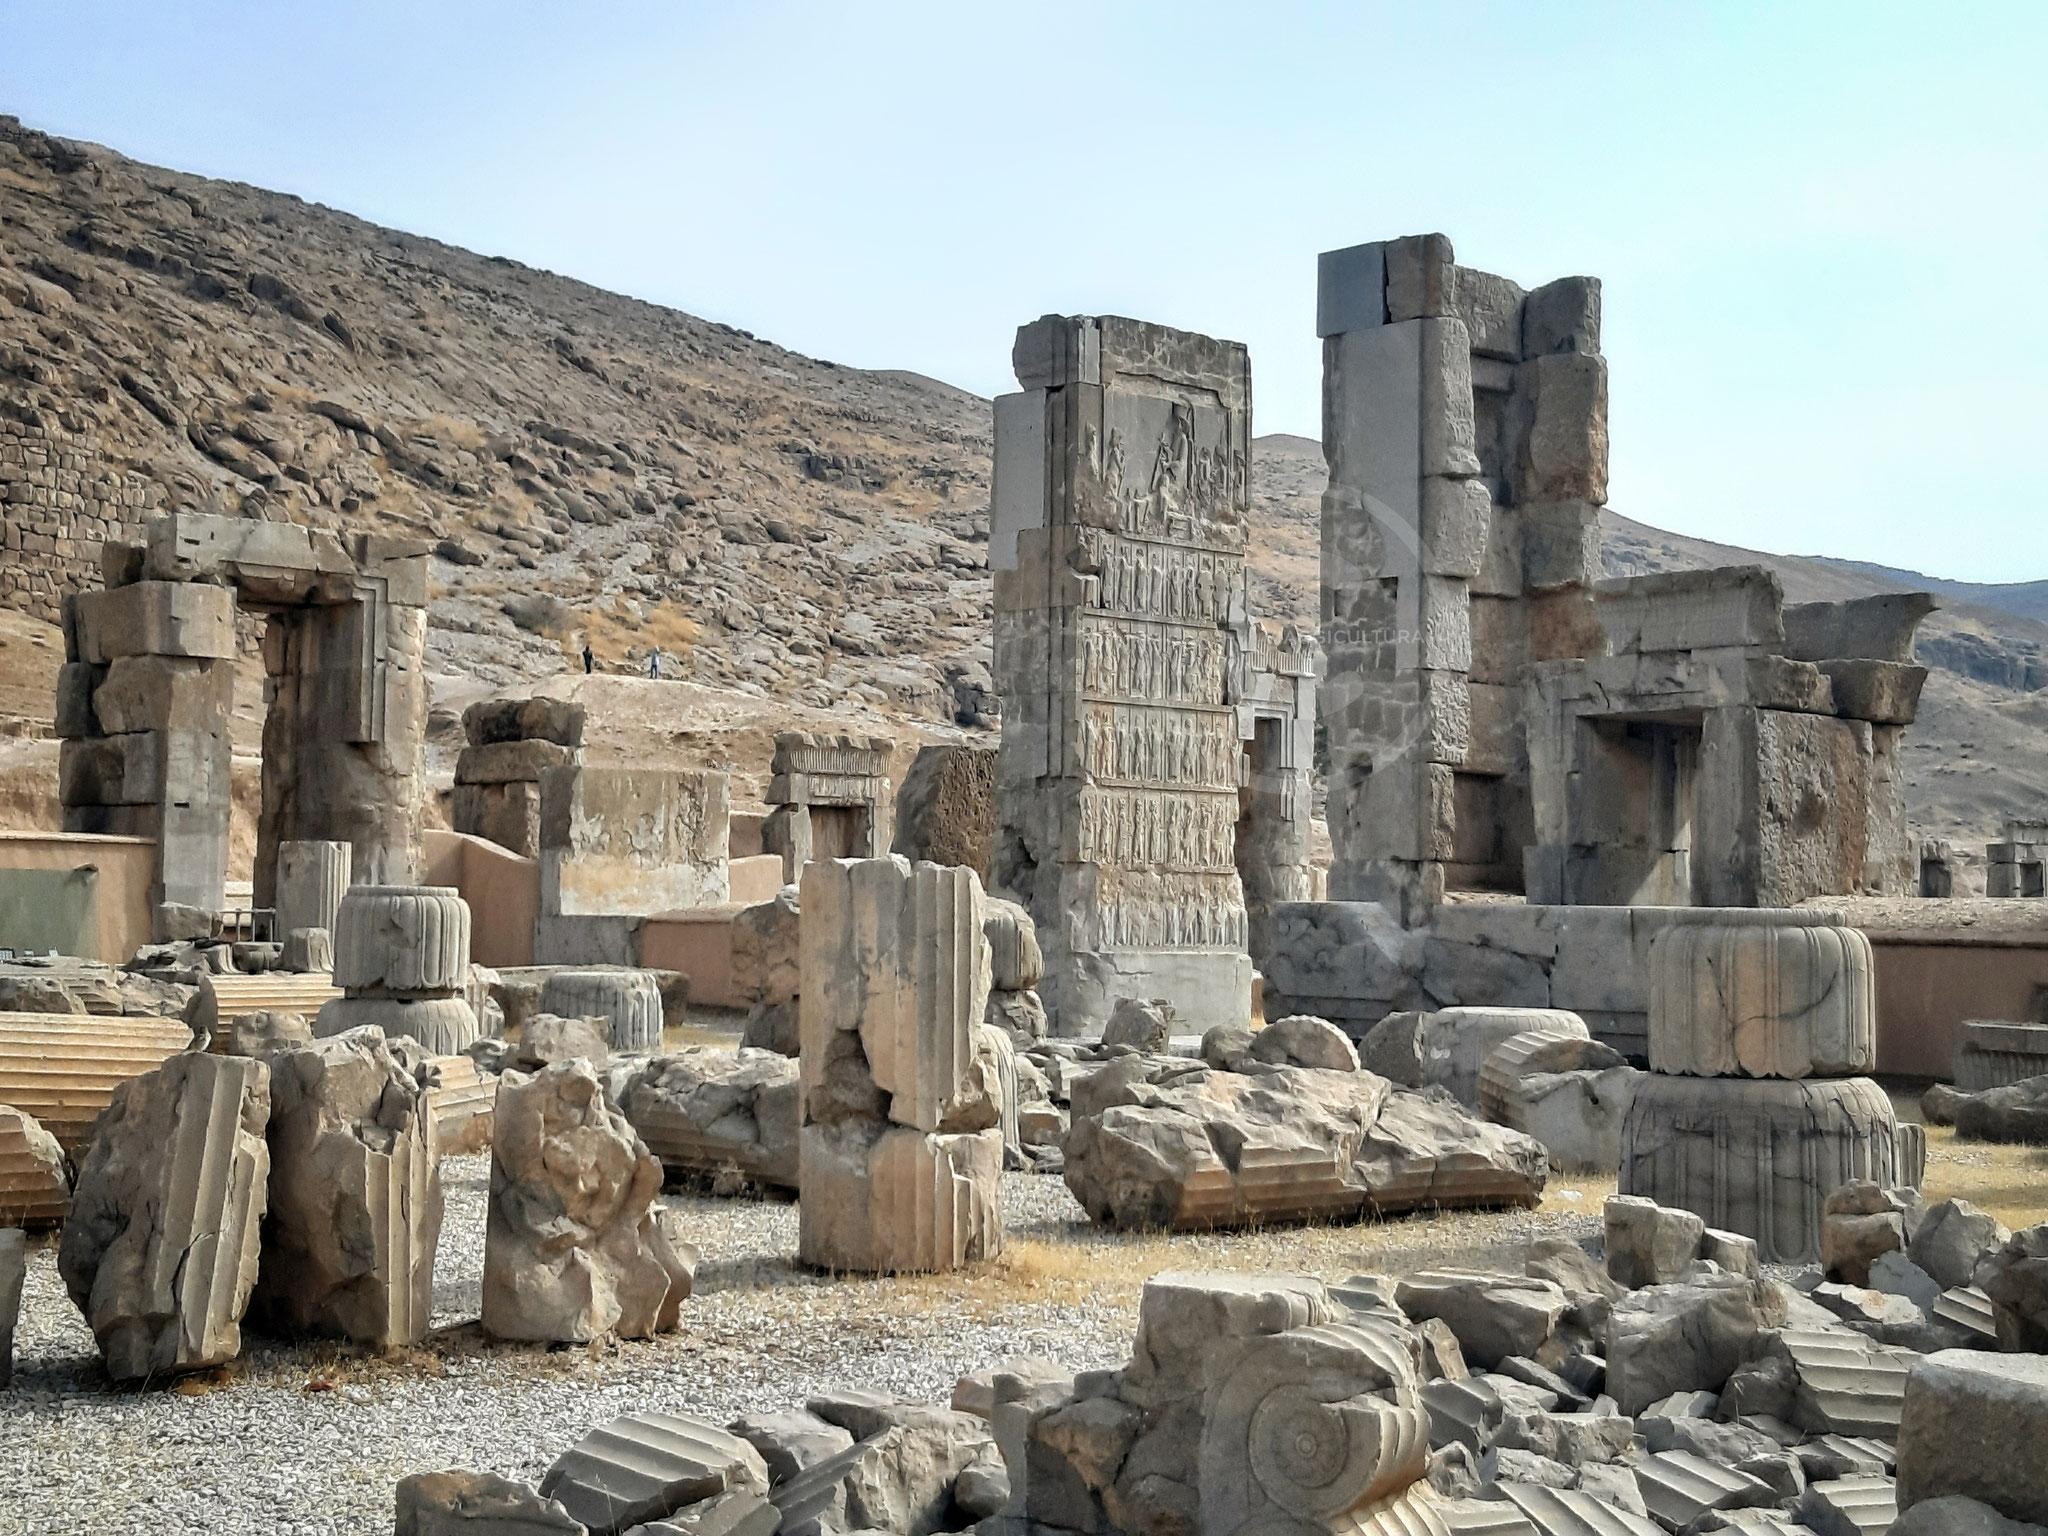 Piedritti del portale settentrionale del Palazzo delle Cento Colonne - Persepoli (Iran)